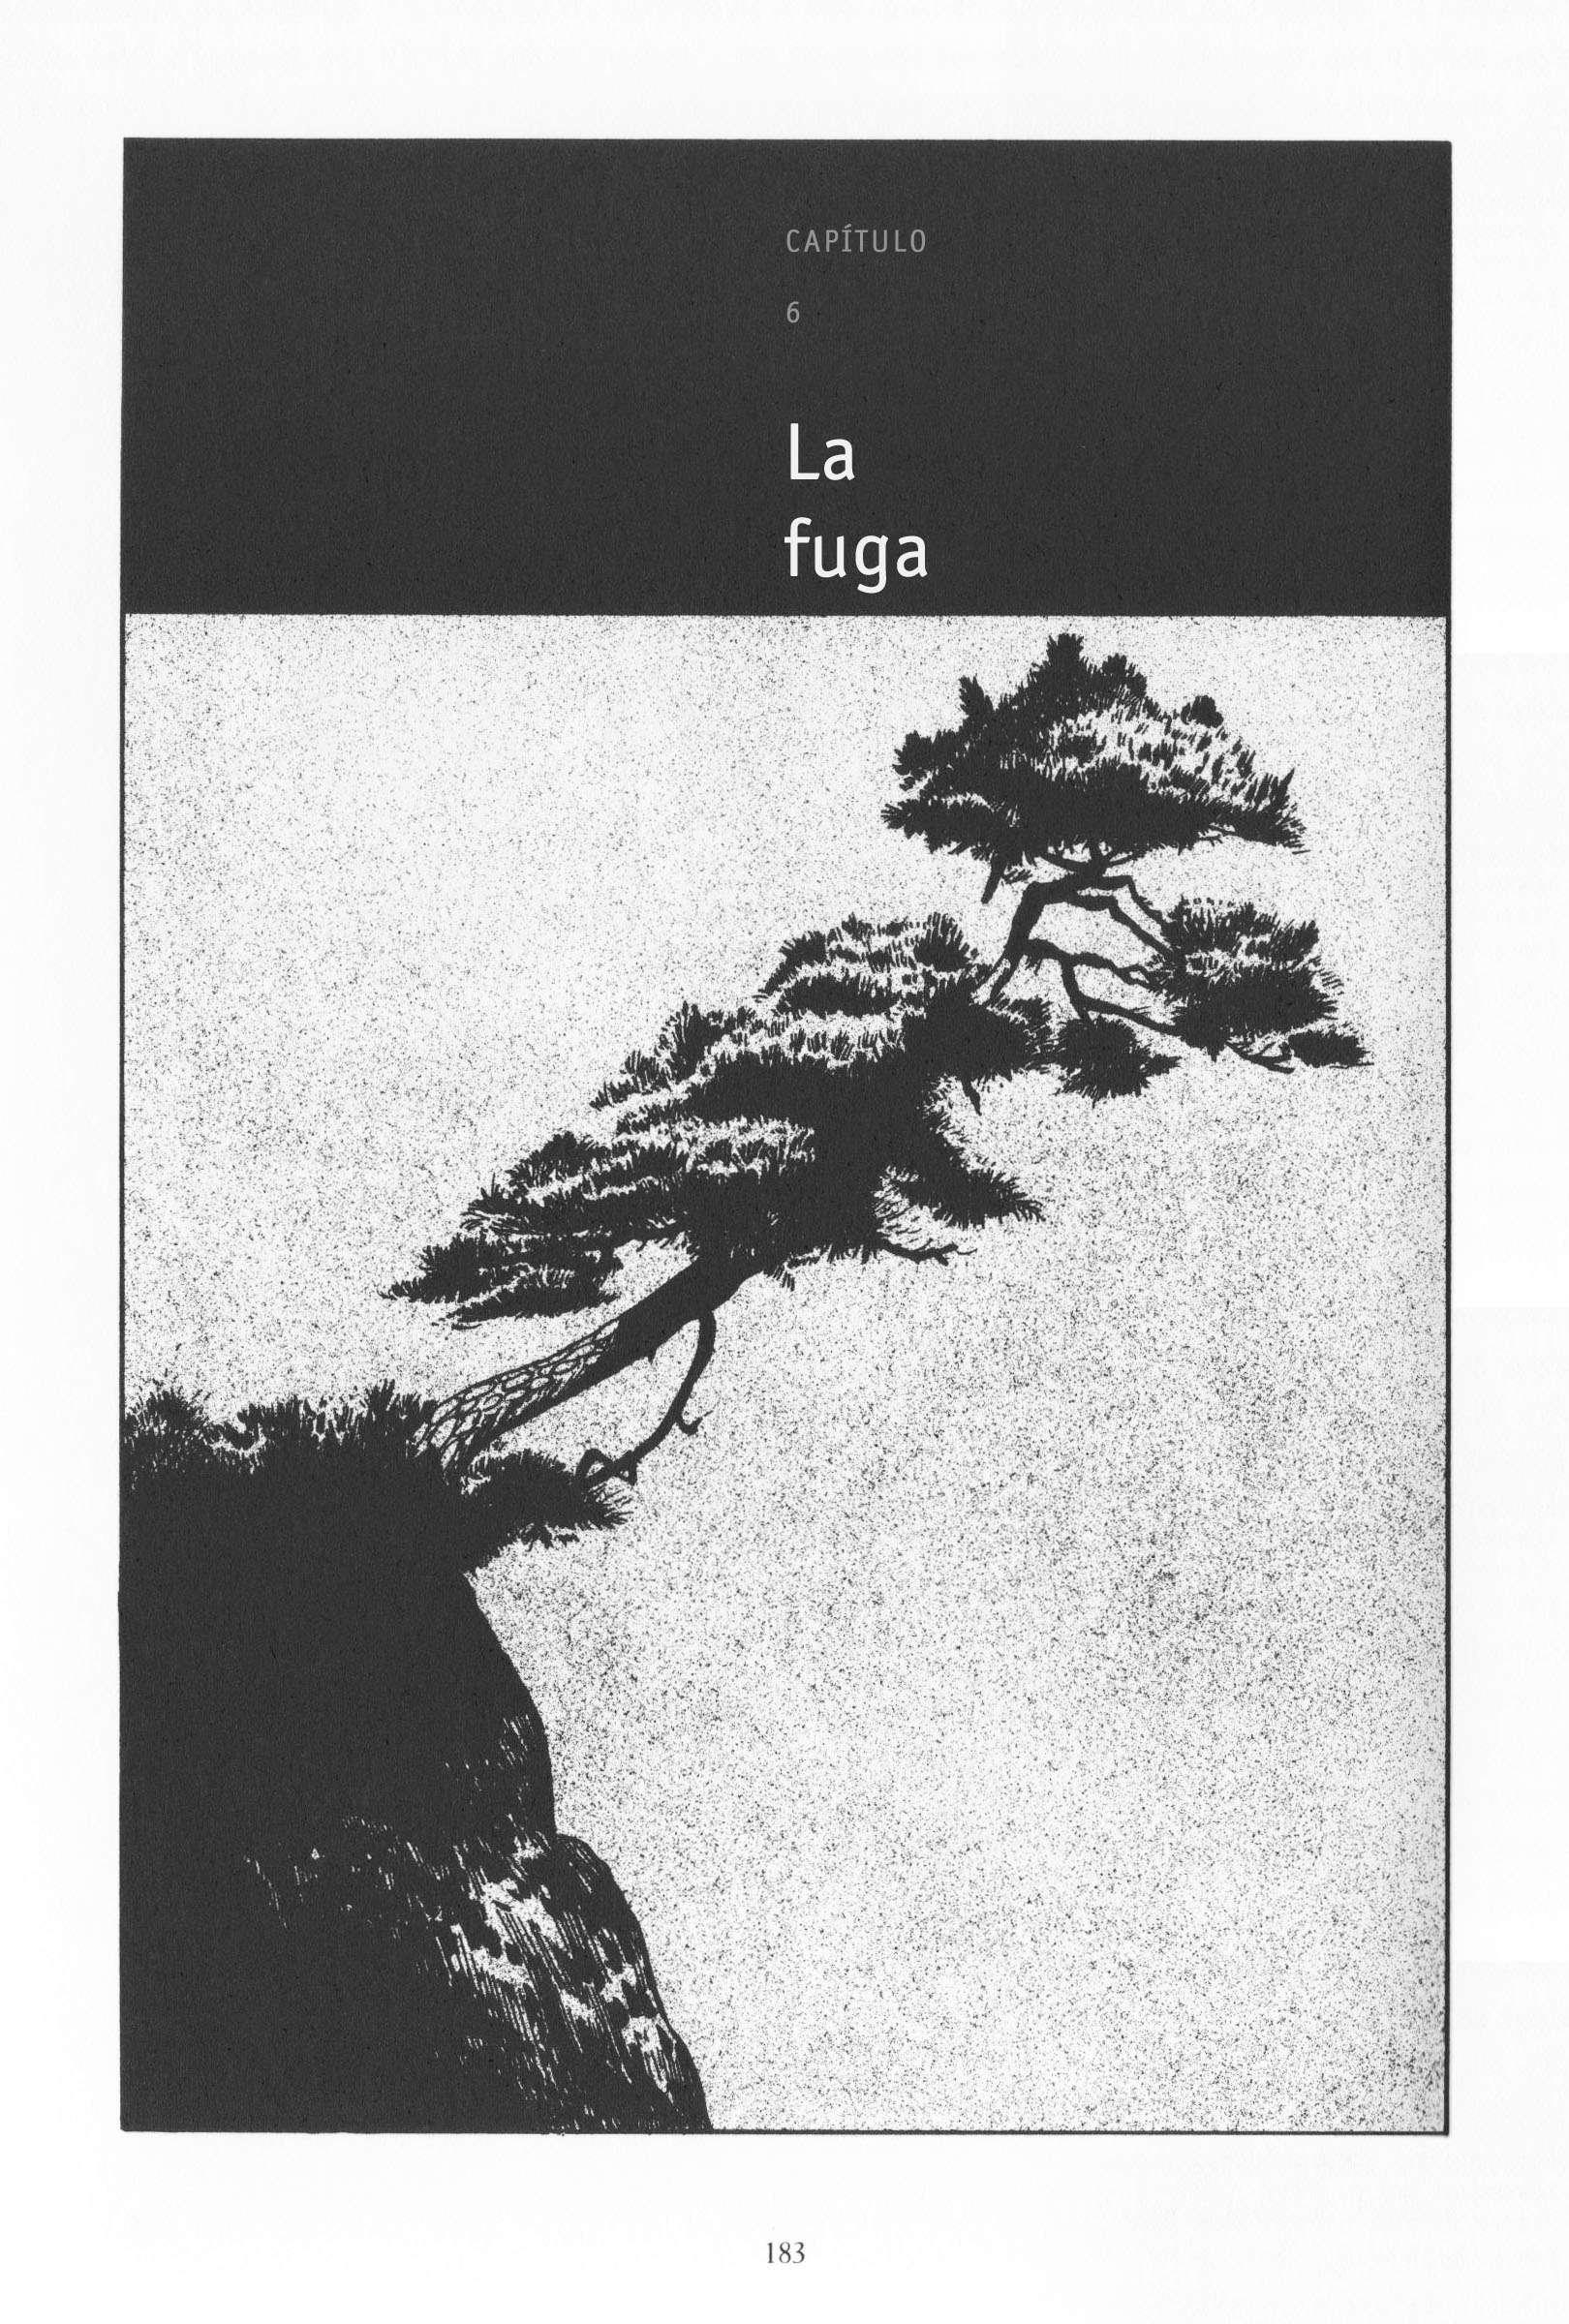 https://c5.ninemanga.com/es_manga/9/17417/410485/2393f2ba6d1d4aa2c3fb82f8a7a751f3.jpg Page 1